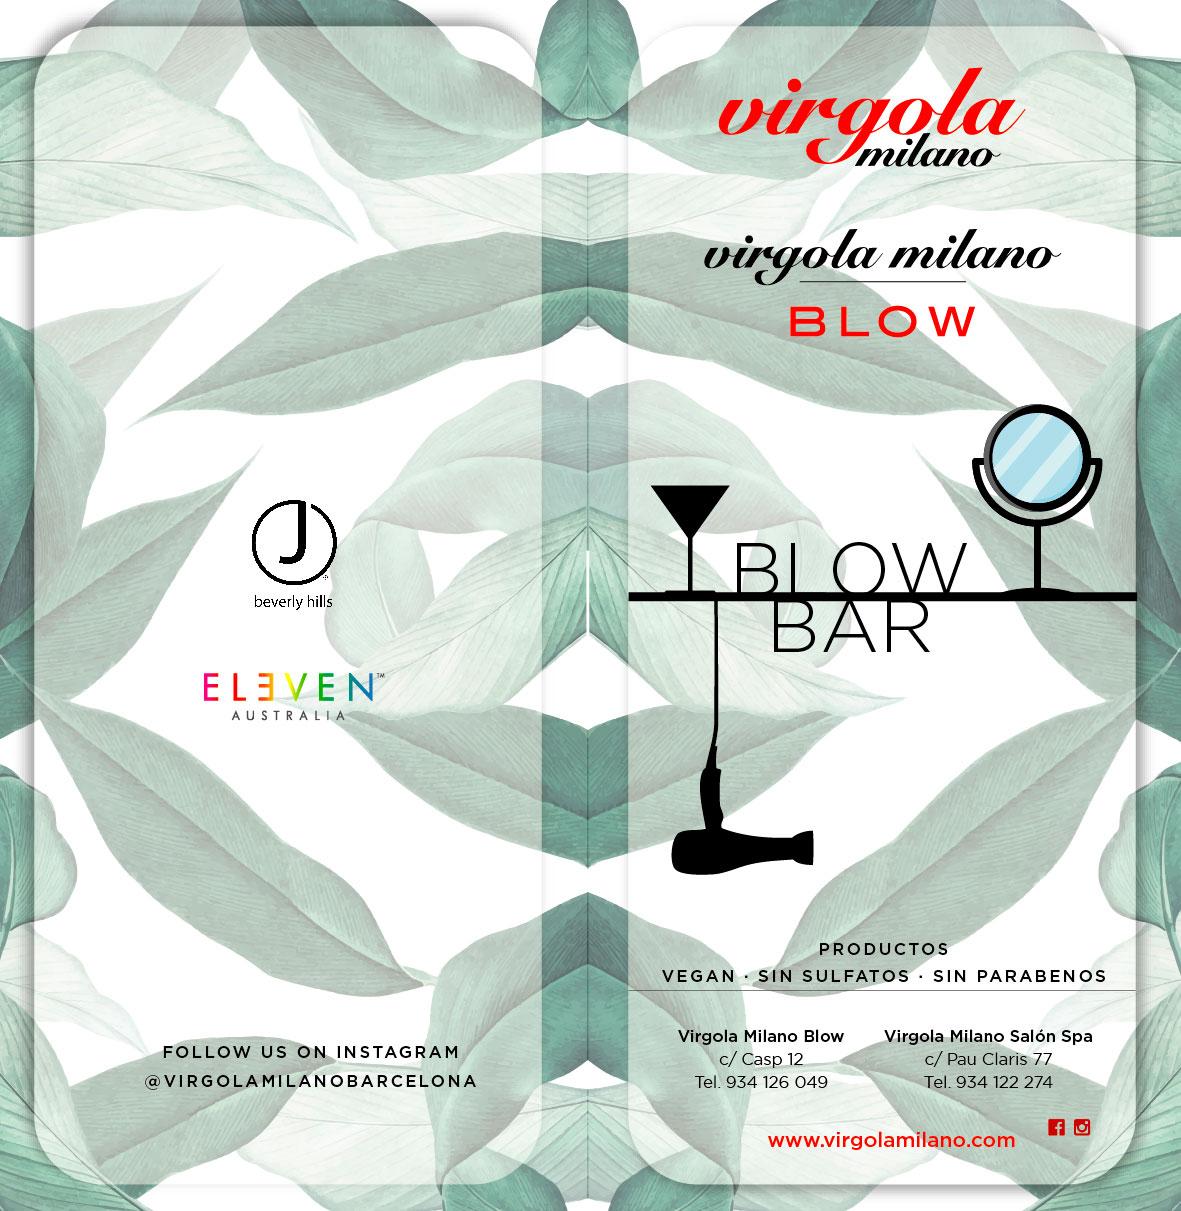 Precios Virgola Milano Blow 2020